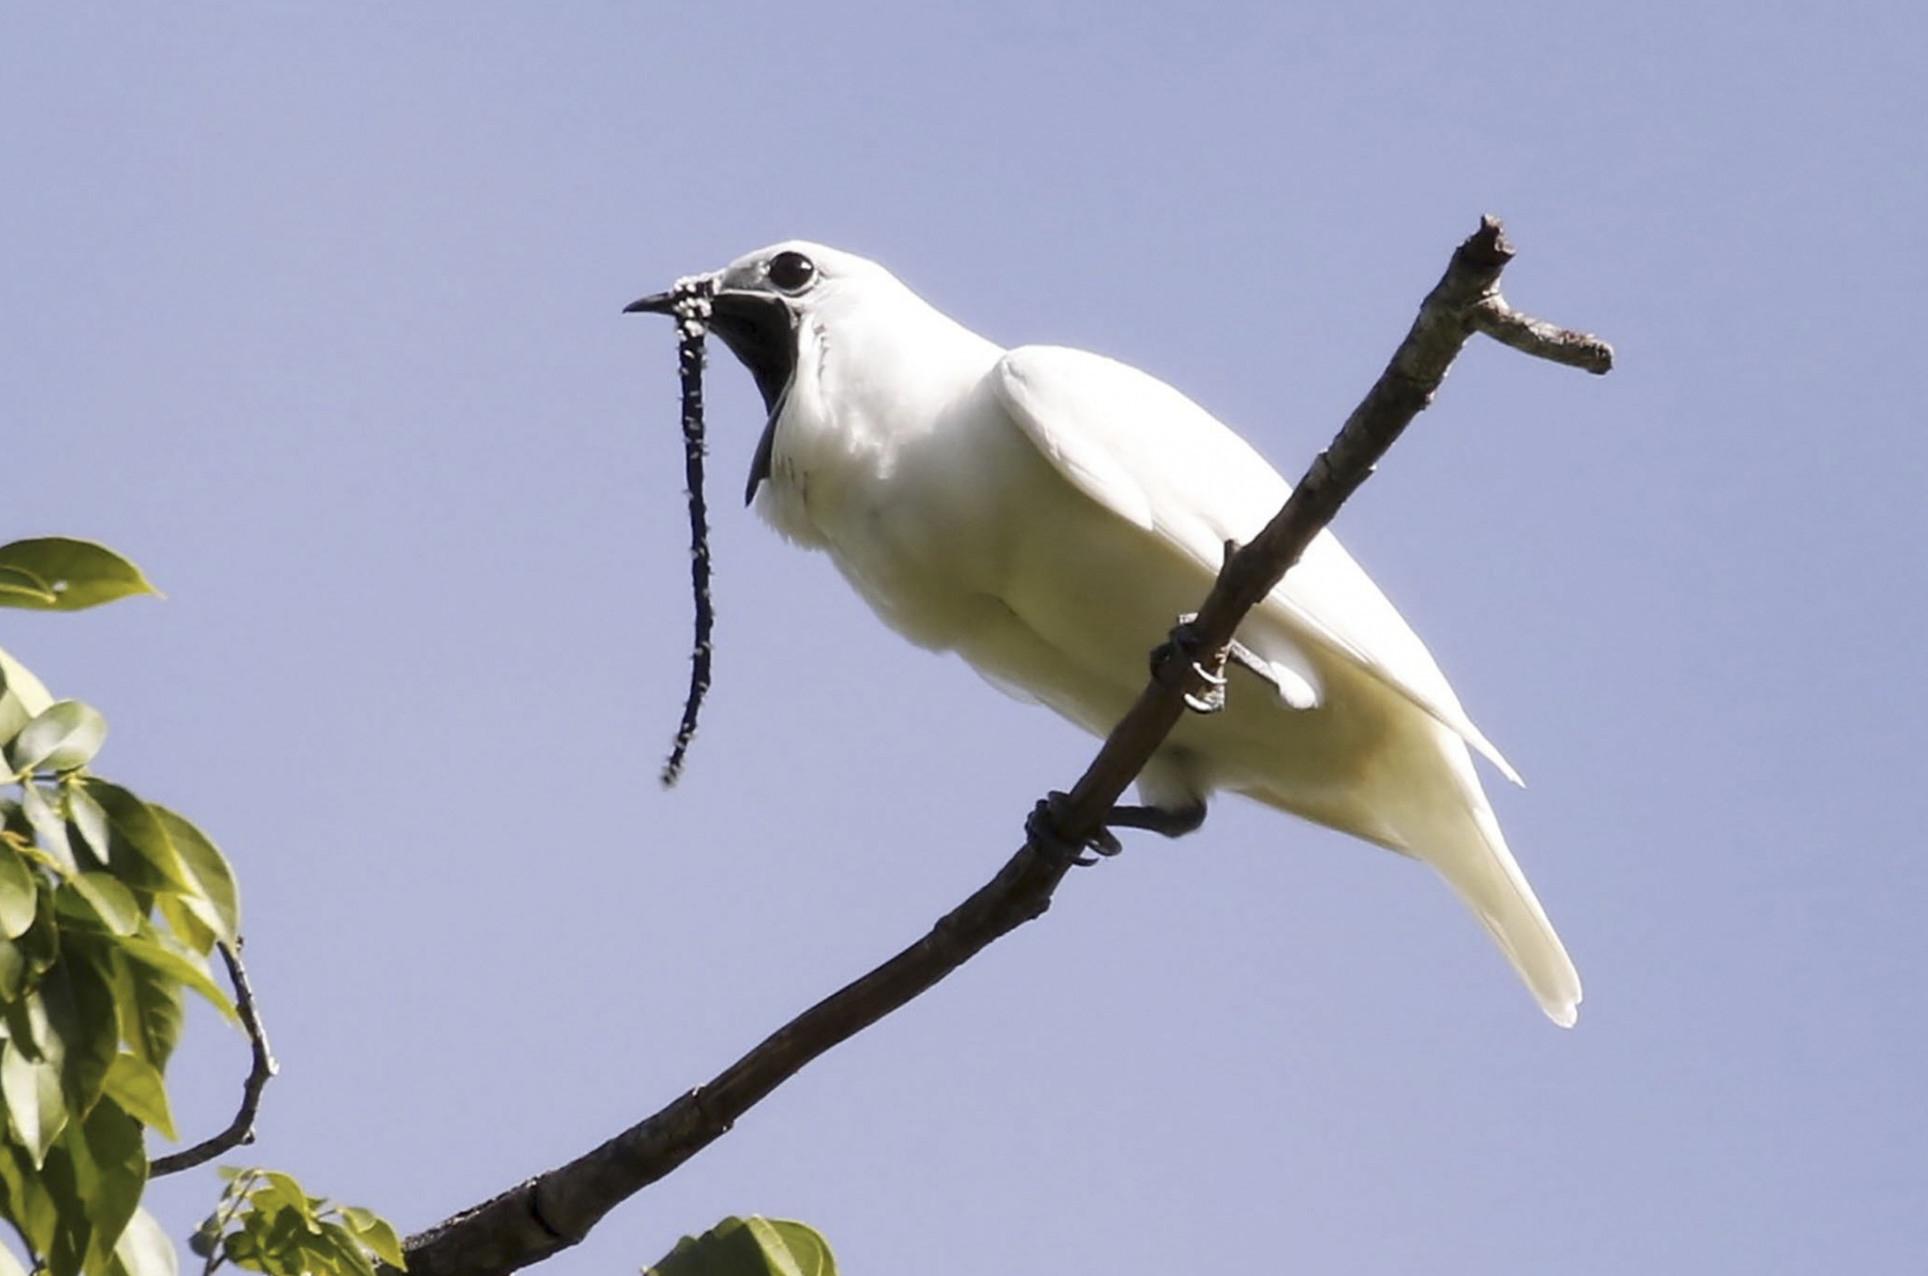 Вид обитает влесах Гайаны, ивменьшем количестве вВенесуэле ибразильском штате Пара. Длина тела самца— приблизительно 28,5 см, самки— 27,5 см. Только самец имеет белую окраску итонкий идлинный мясистый вырост, свисающий склюва.